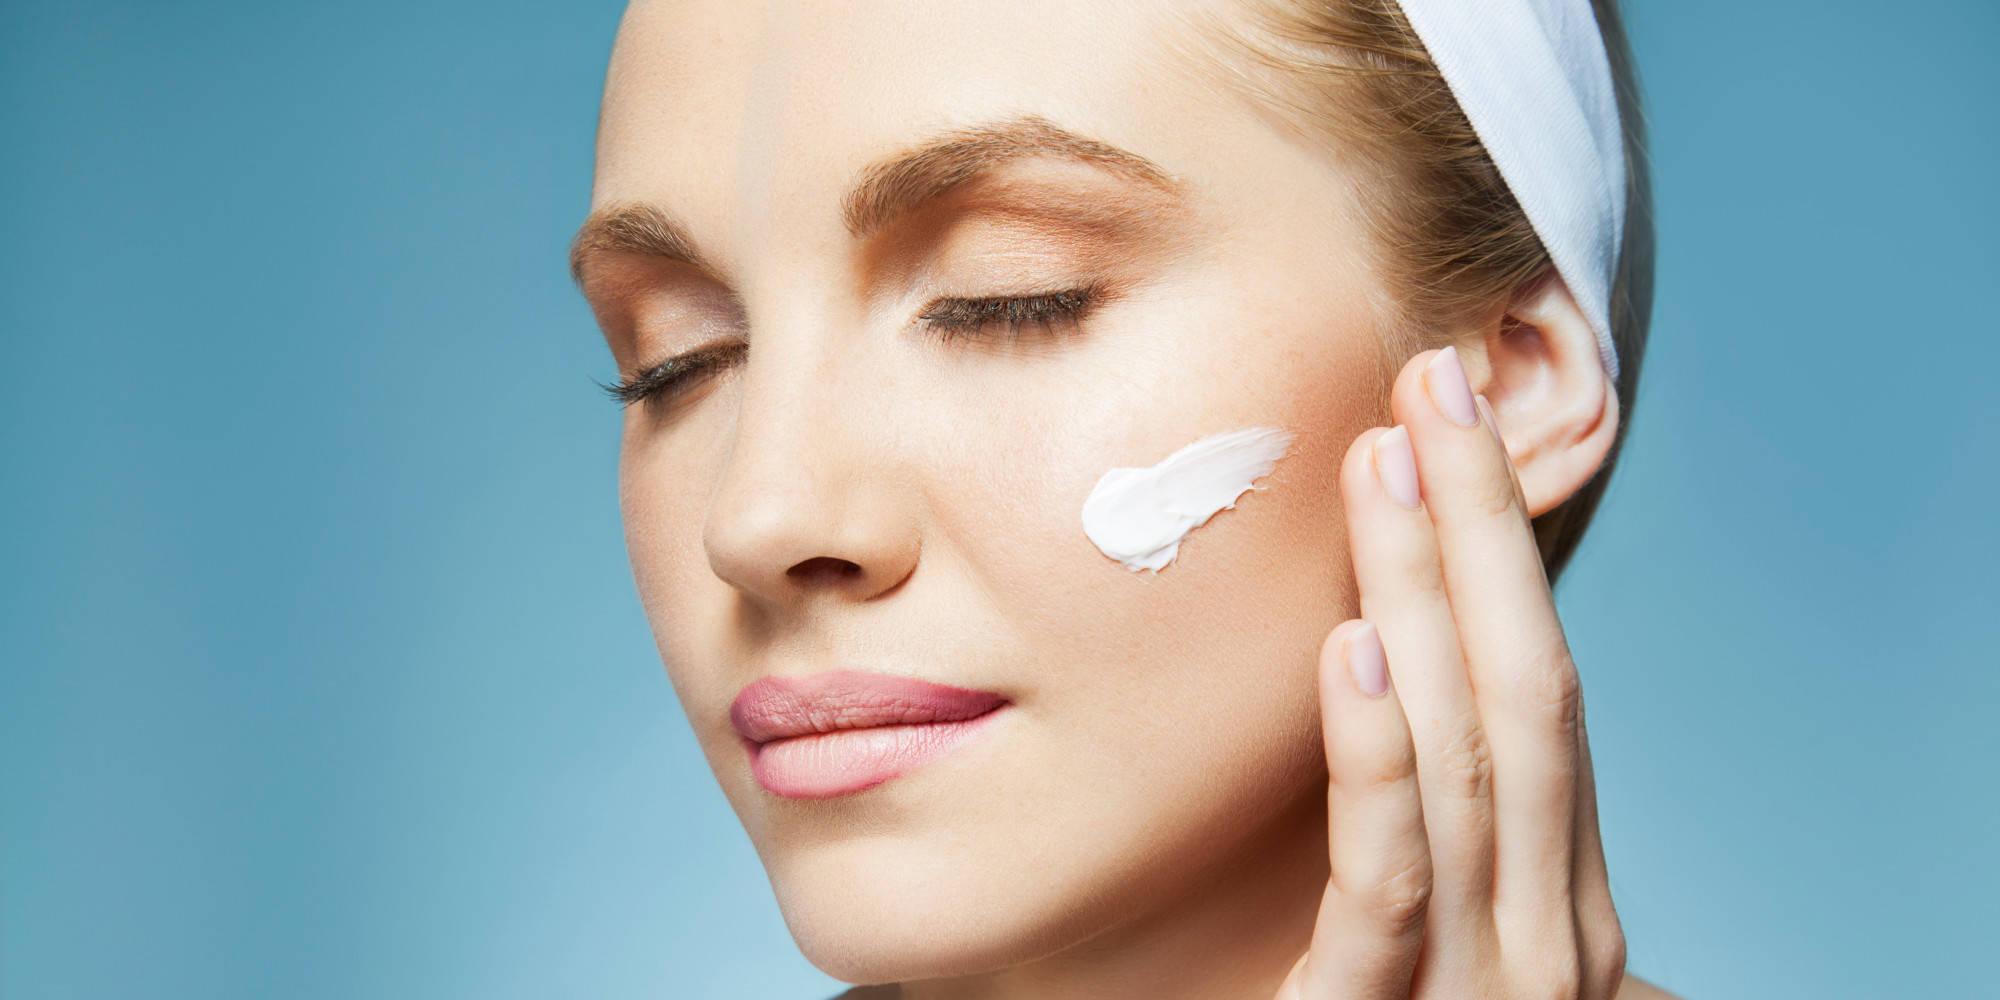 Гепариновая мазь от морщин: применение в косметологии для омоложения лица